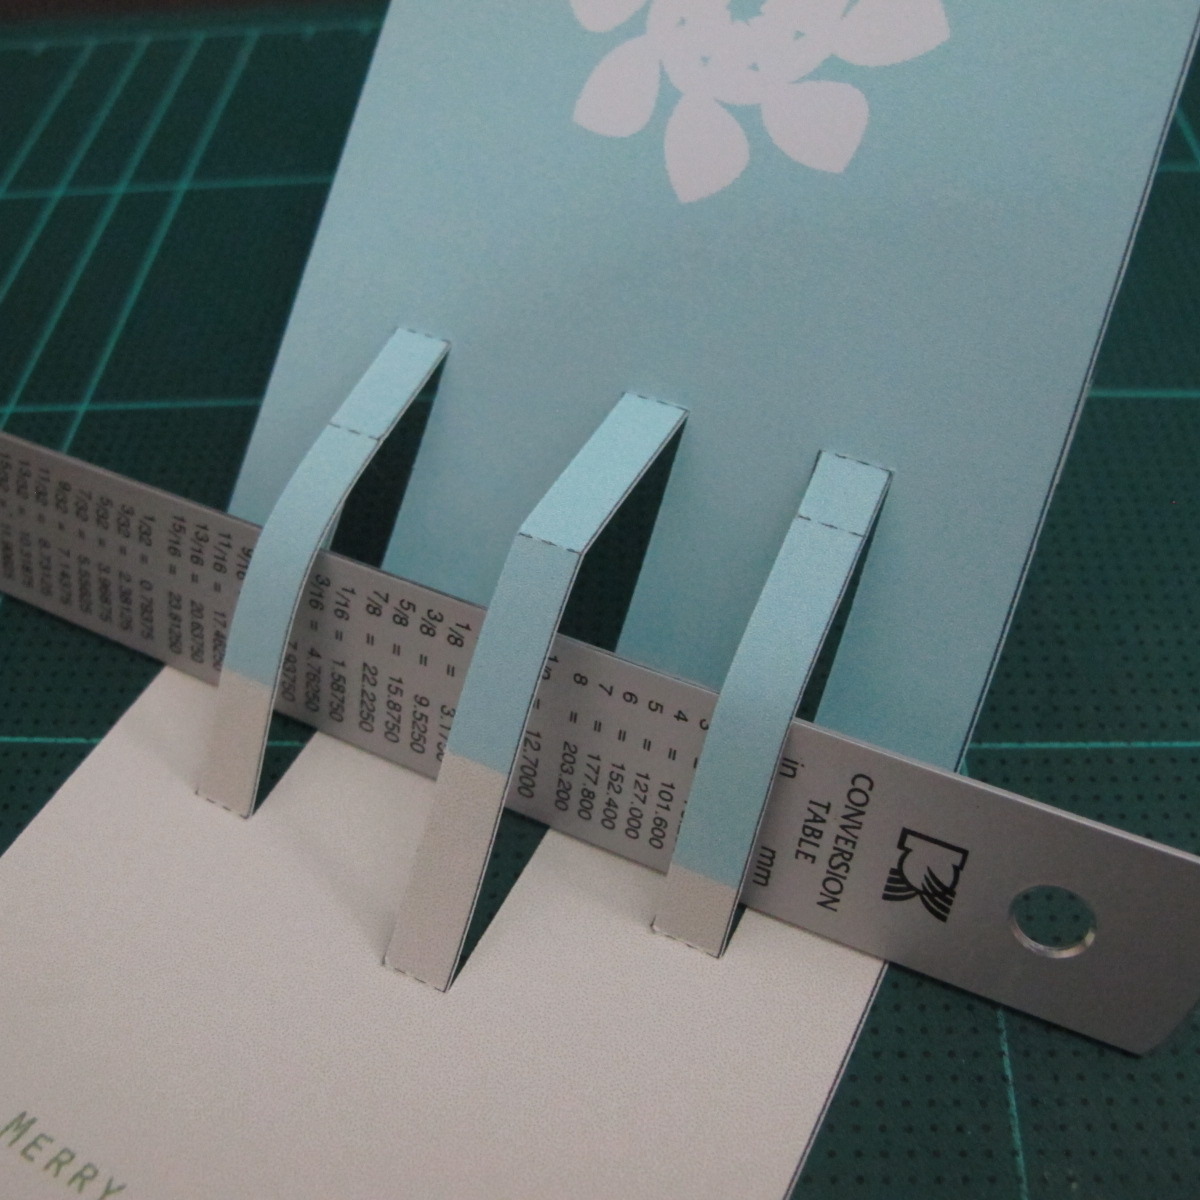 การทำการ์ดอวยพรลายต้นคริสต์มาสแบบป็อปอัป (Card Making Christmas Trees Pop-Up Card Template) 004